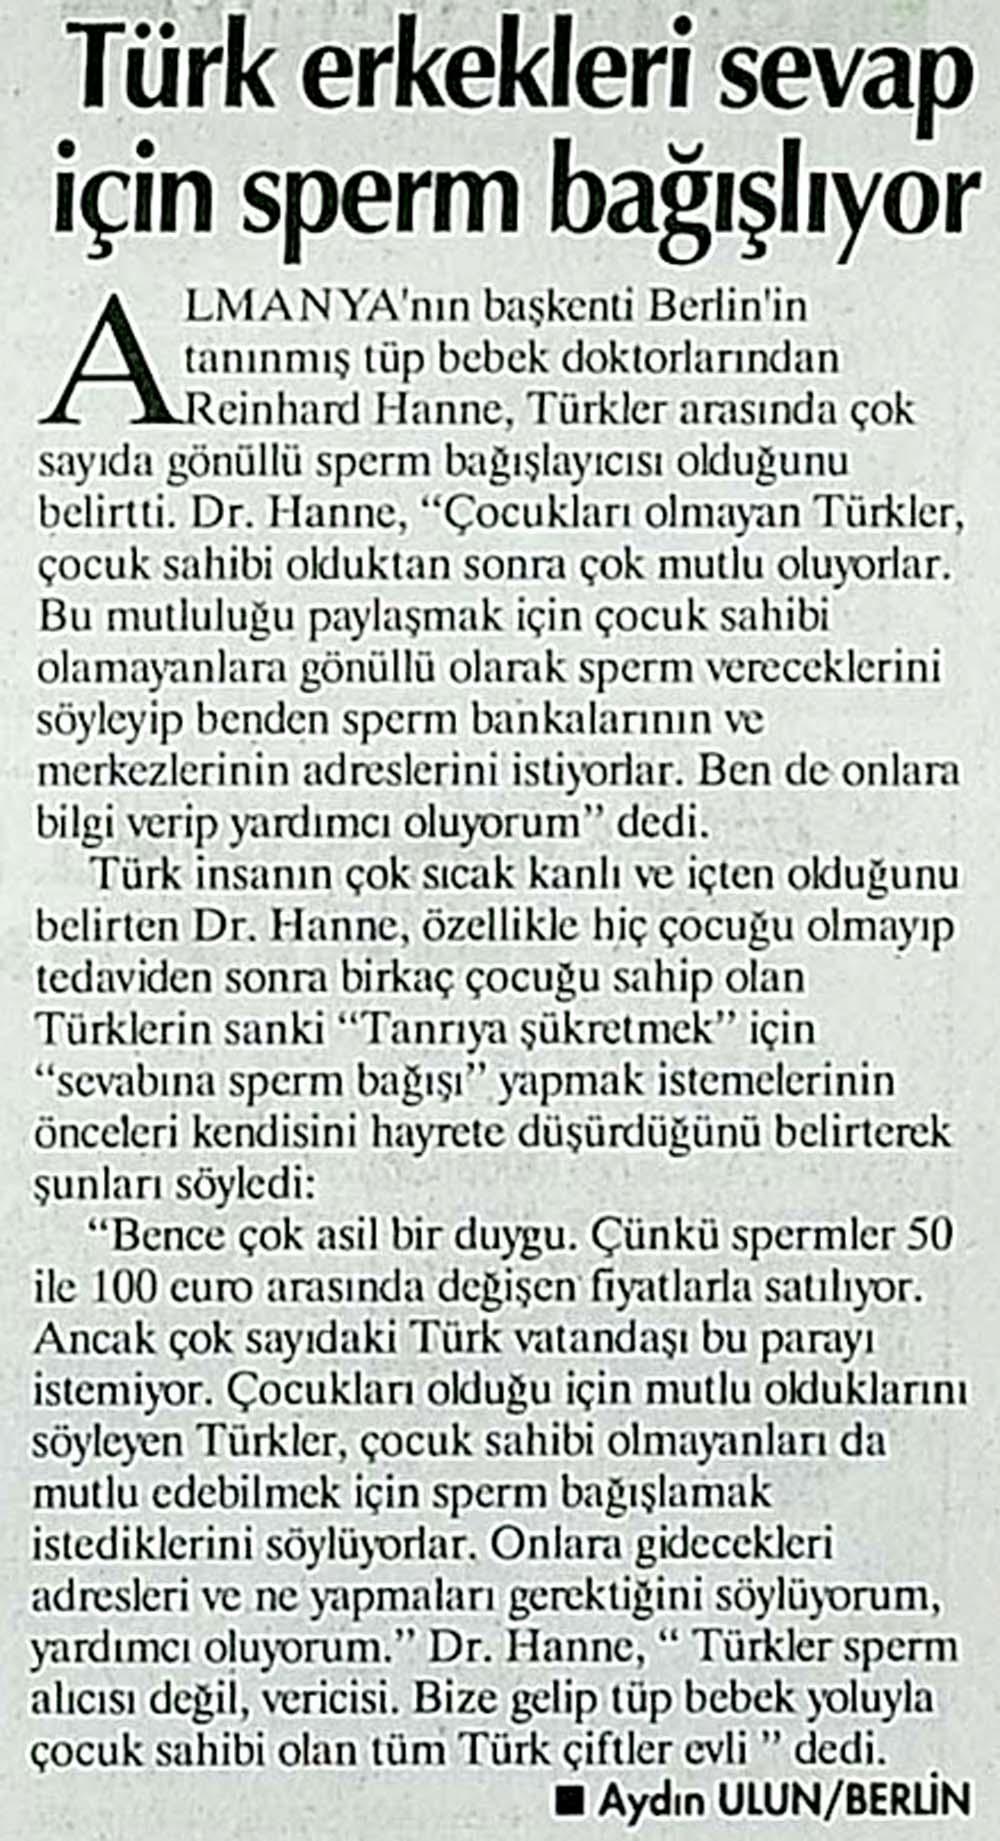 Türk erkekleri sevap için sperm bağışlıyor